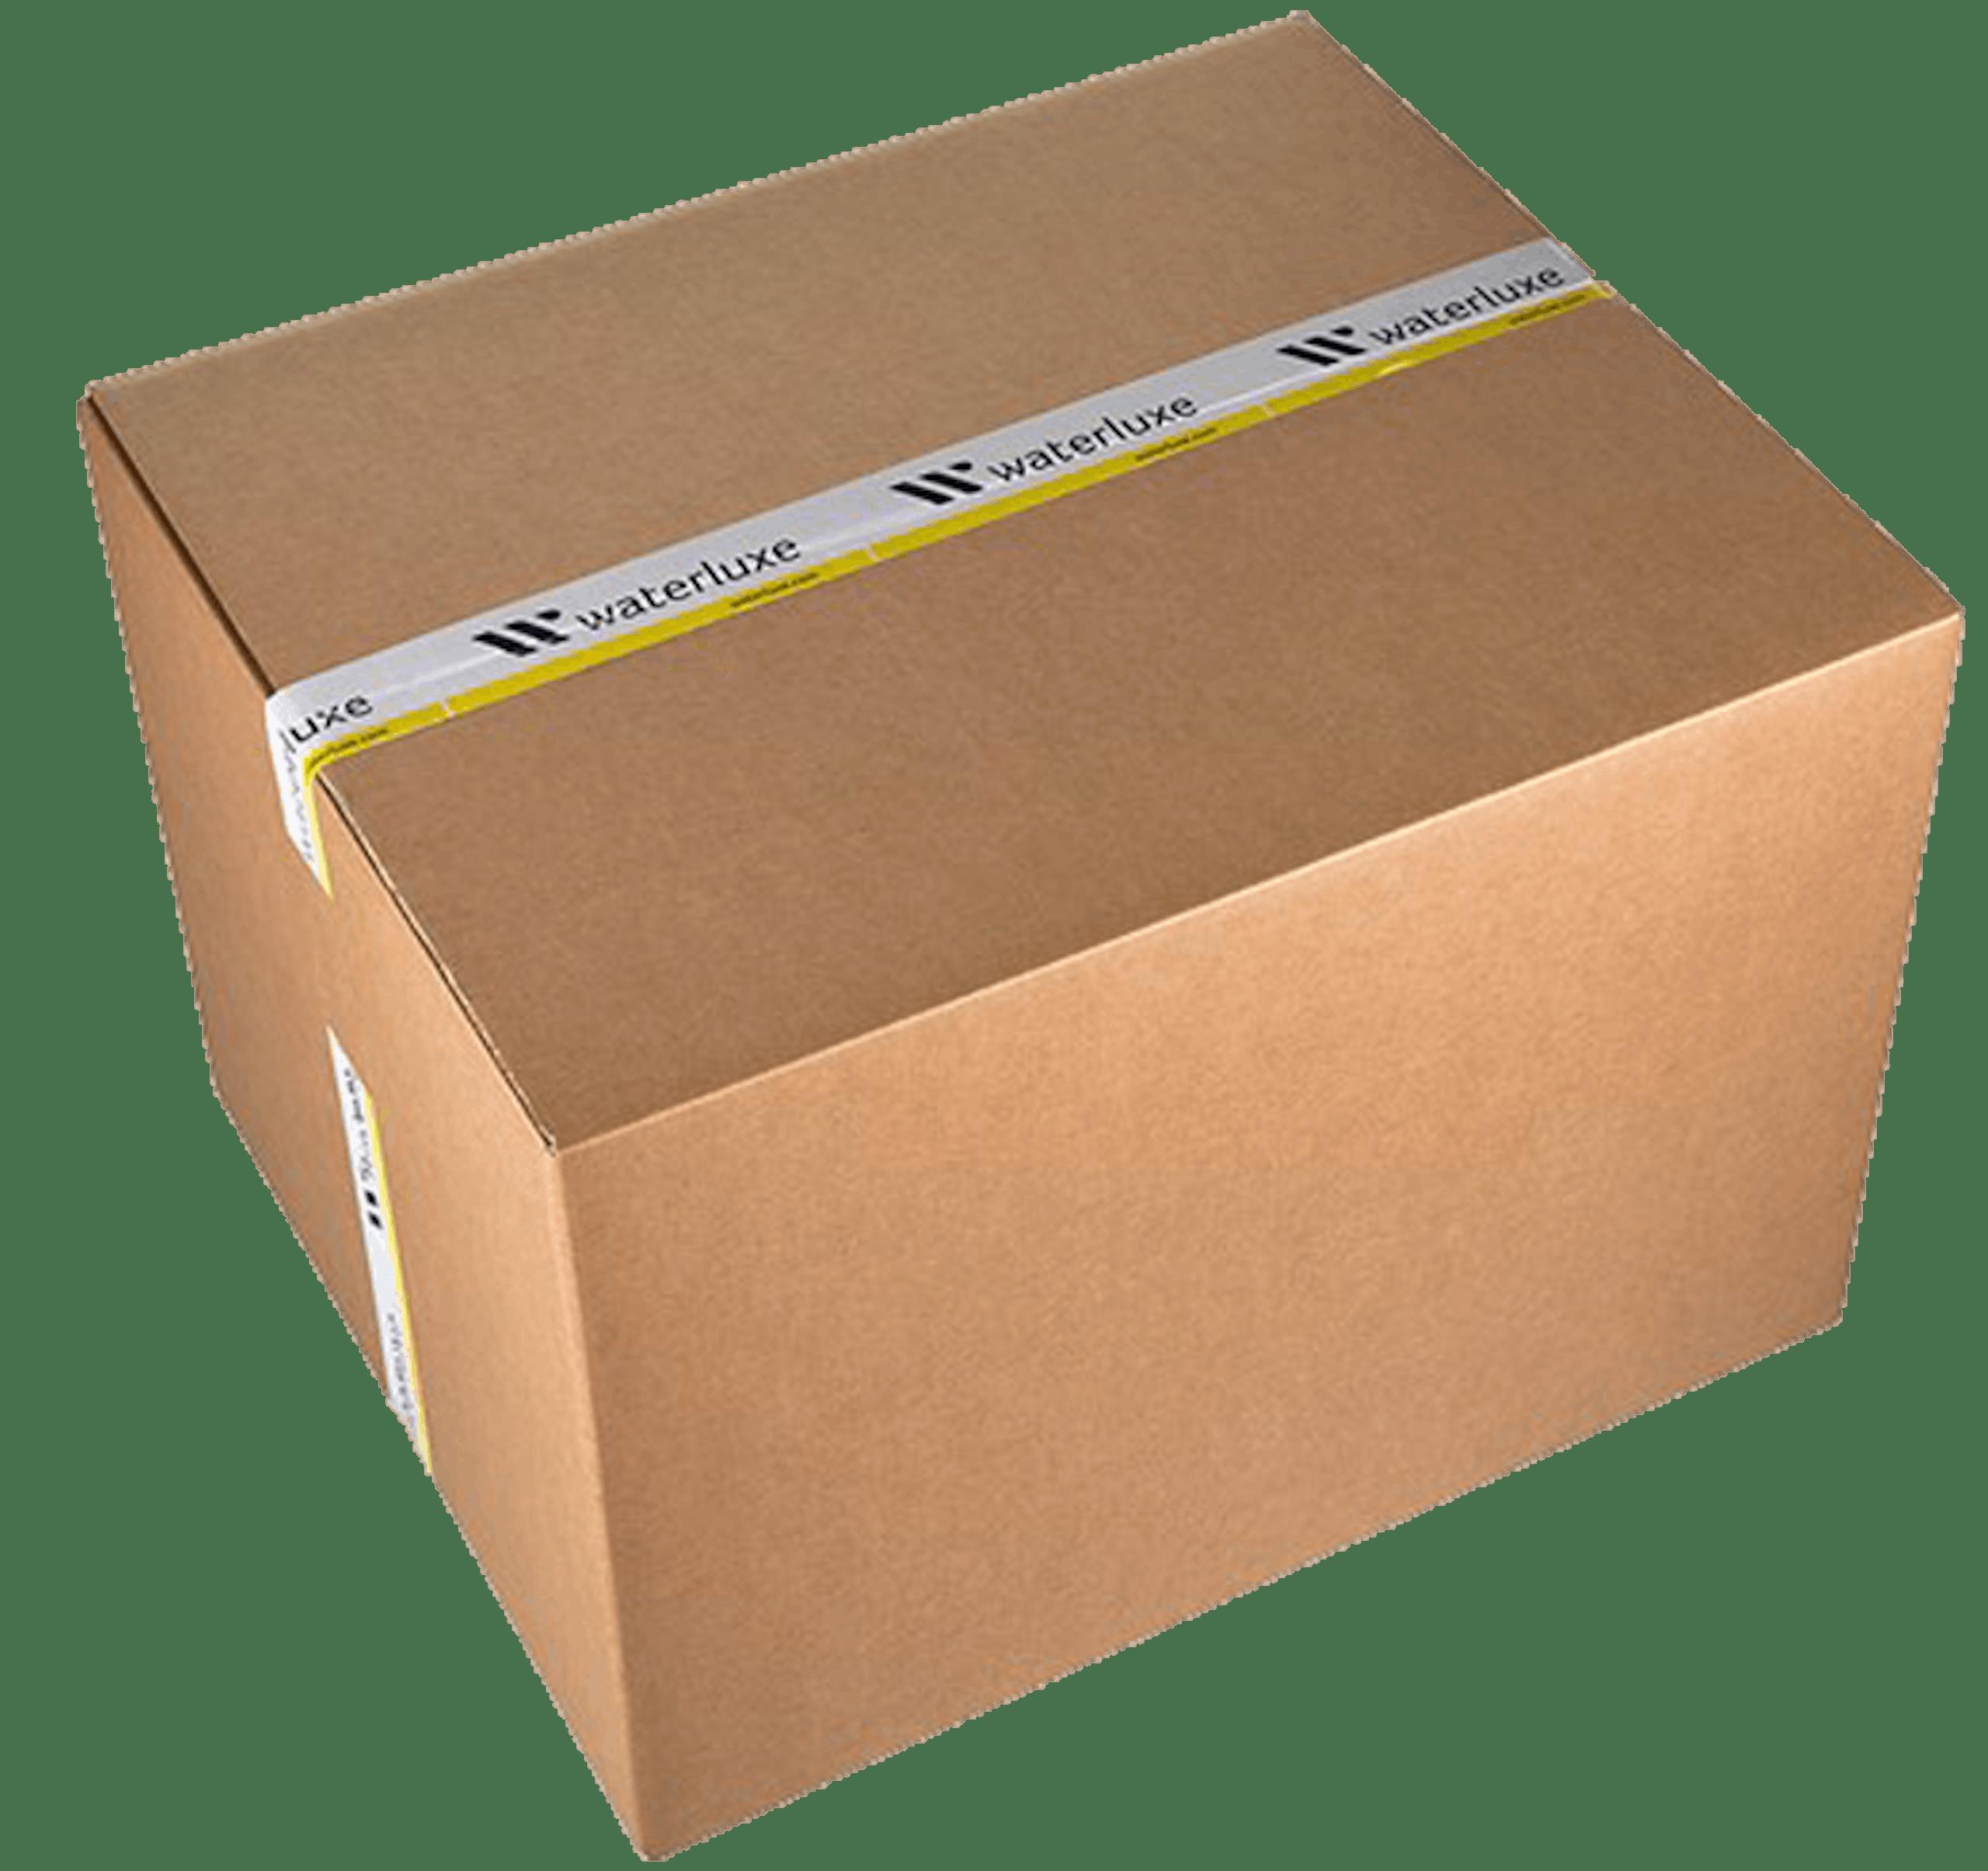 Waterluxe Zoutpakket